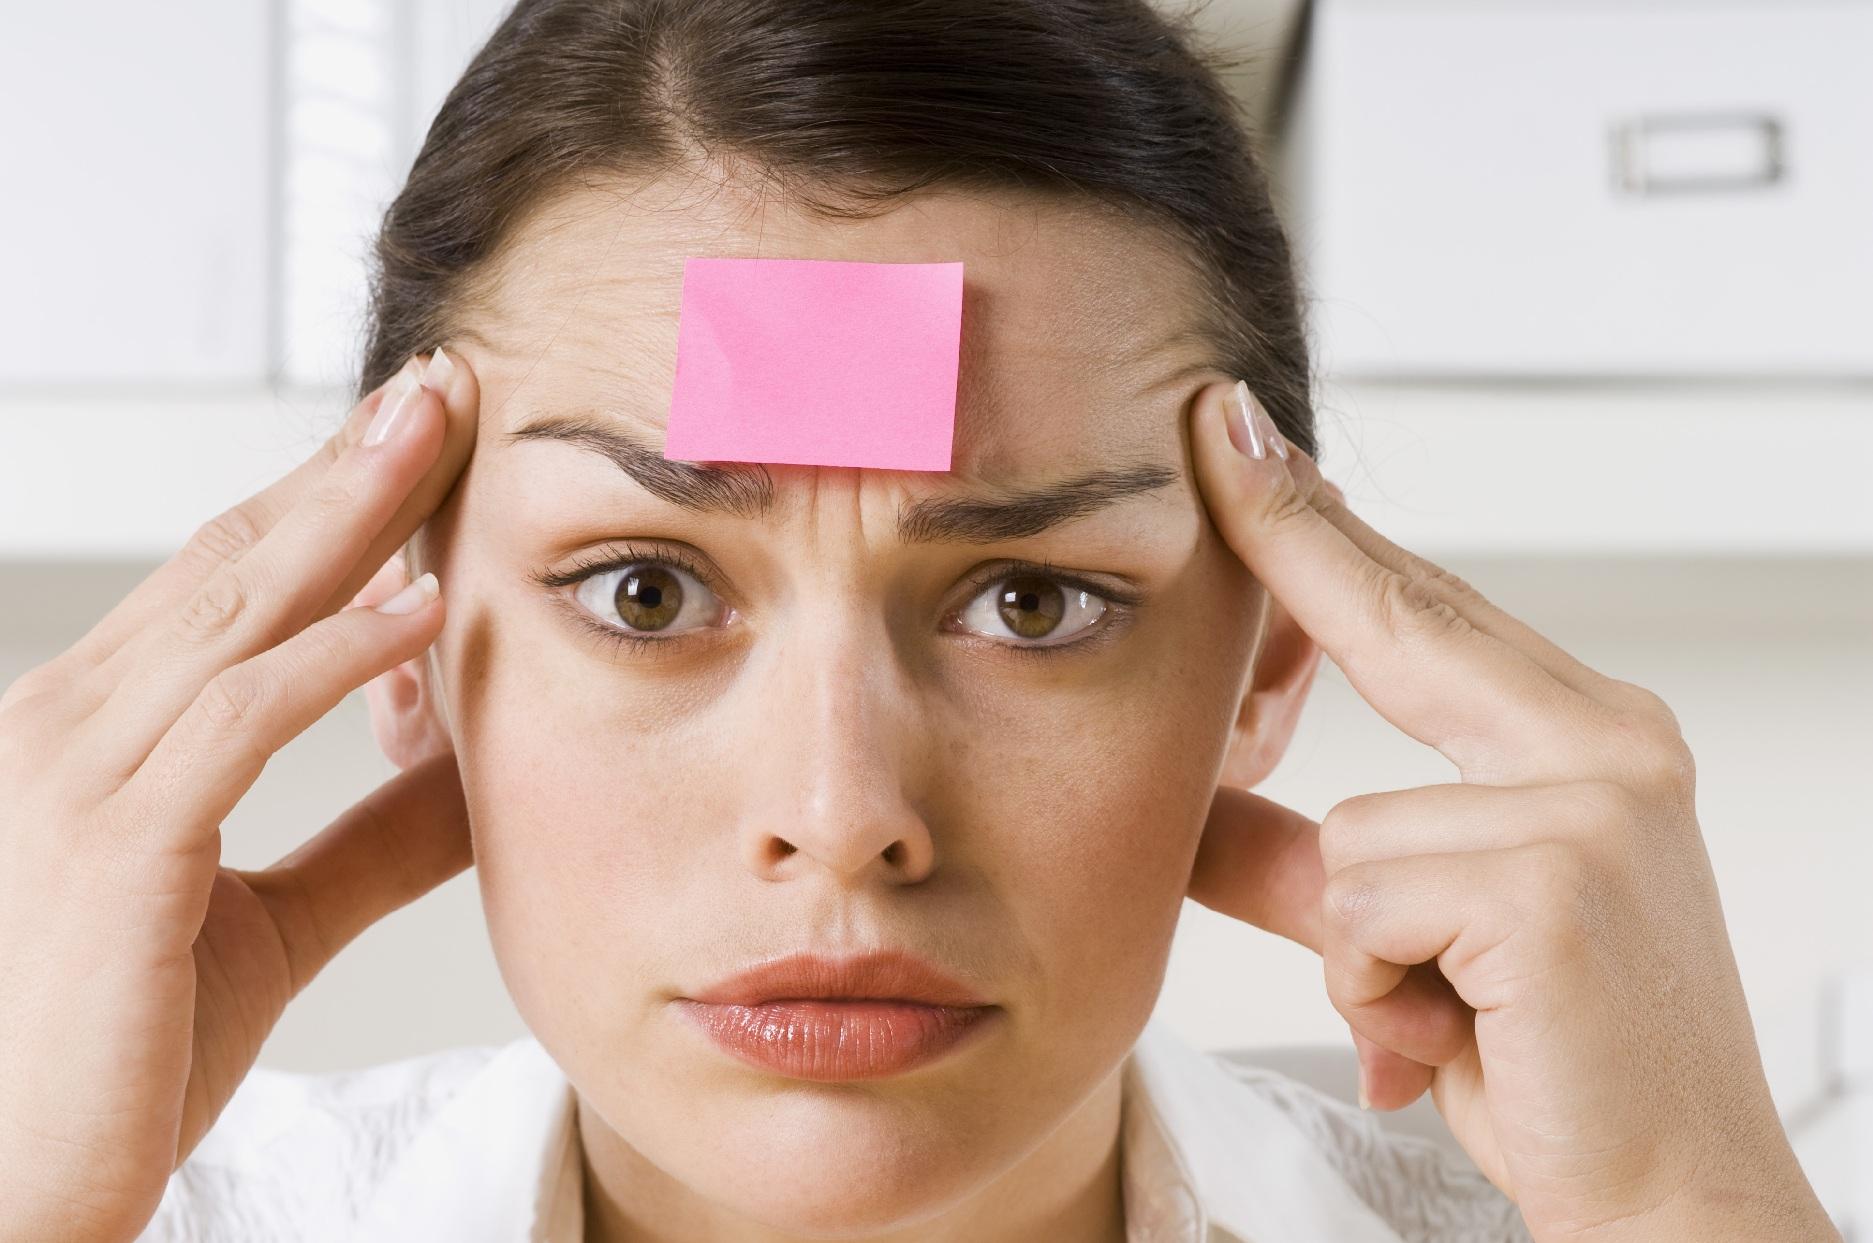 Забывчивость может возникнуть по разным причинам, к примеру из-за вредных привычек или стресса